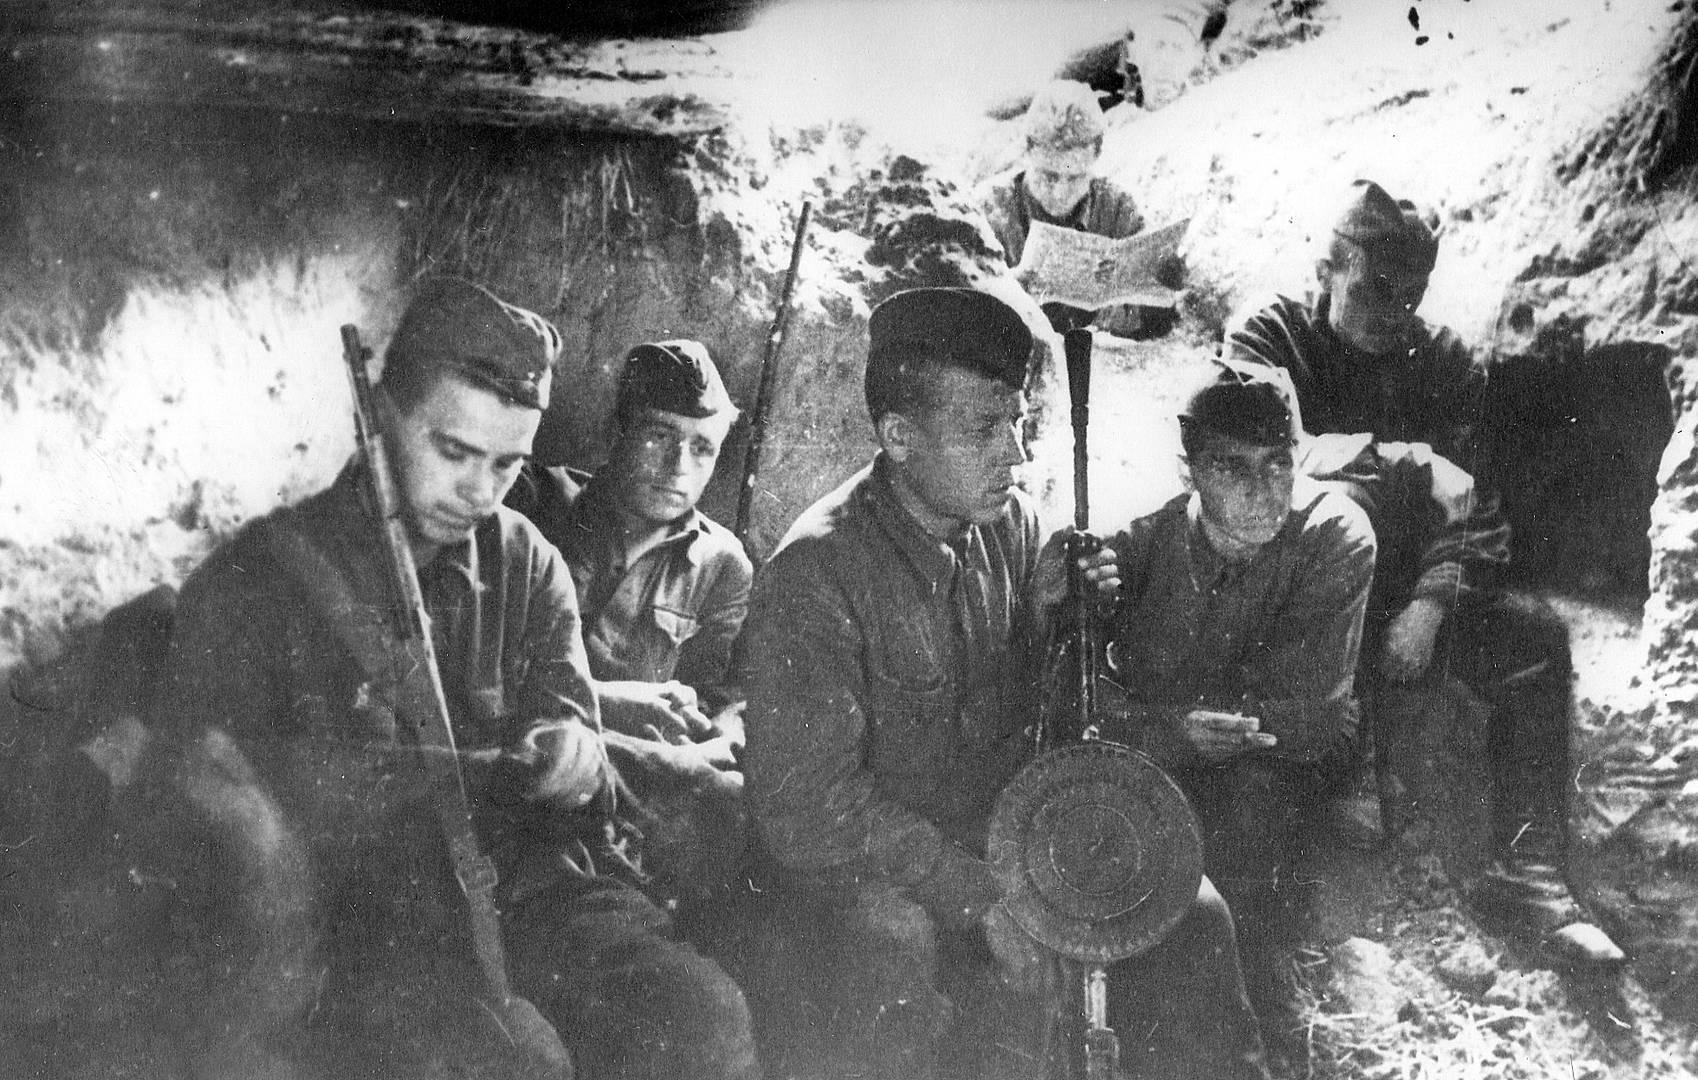 Ополченцы 1-го полка 1-й дивизии народного ополчения отдыхают в траншее на Лужском рубеже. Ленинградская область. 1941